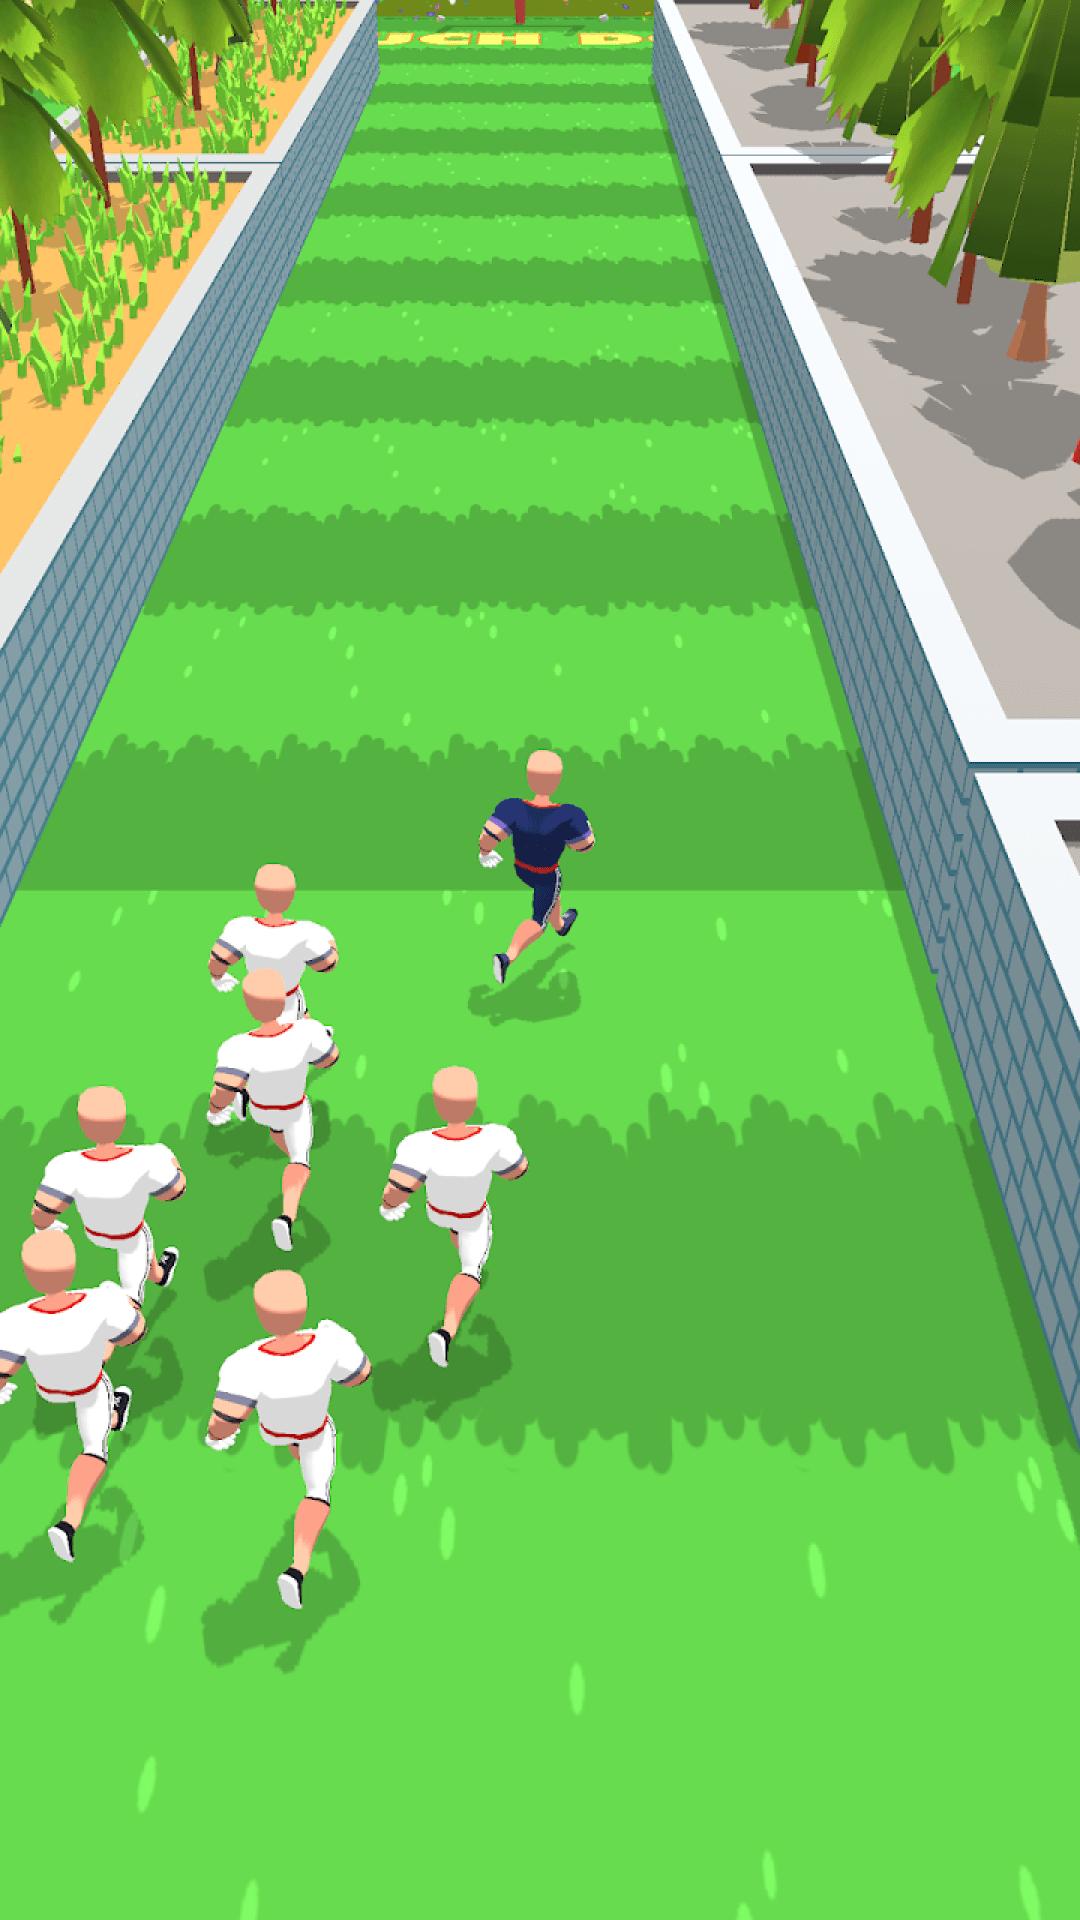 橄榄球小将游戏